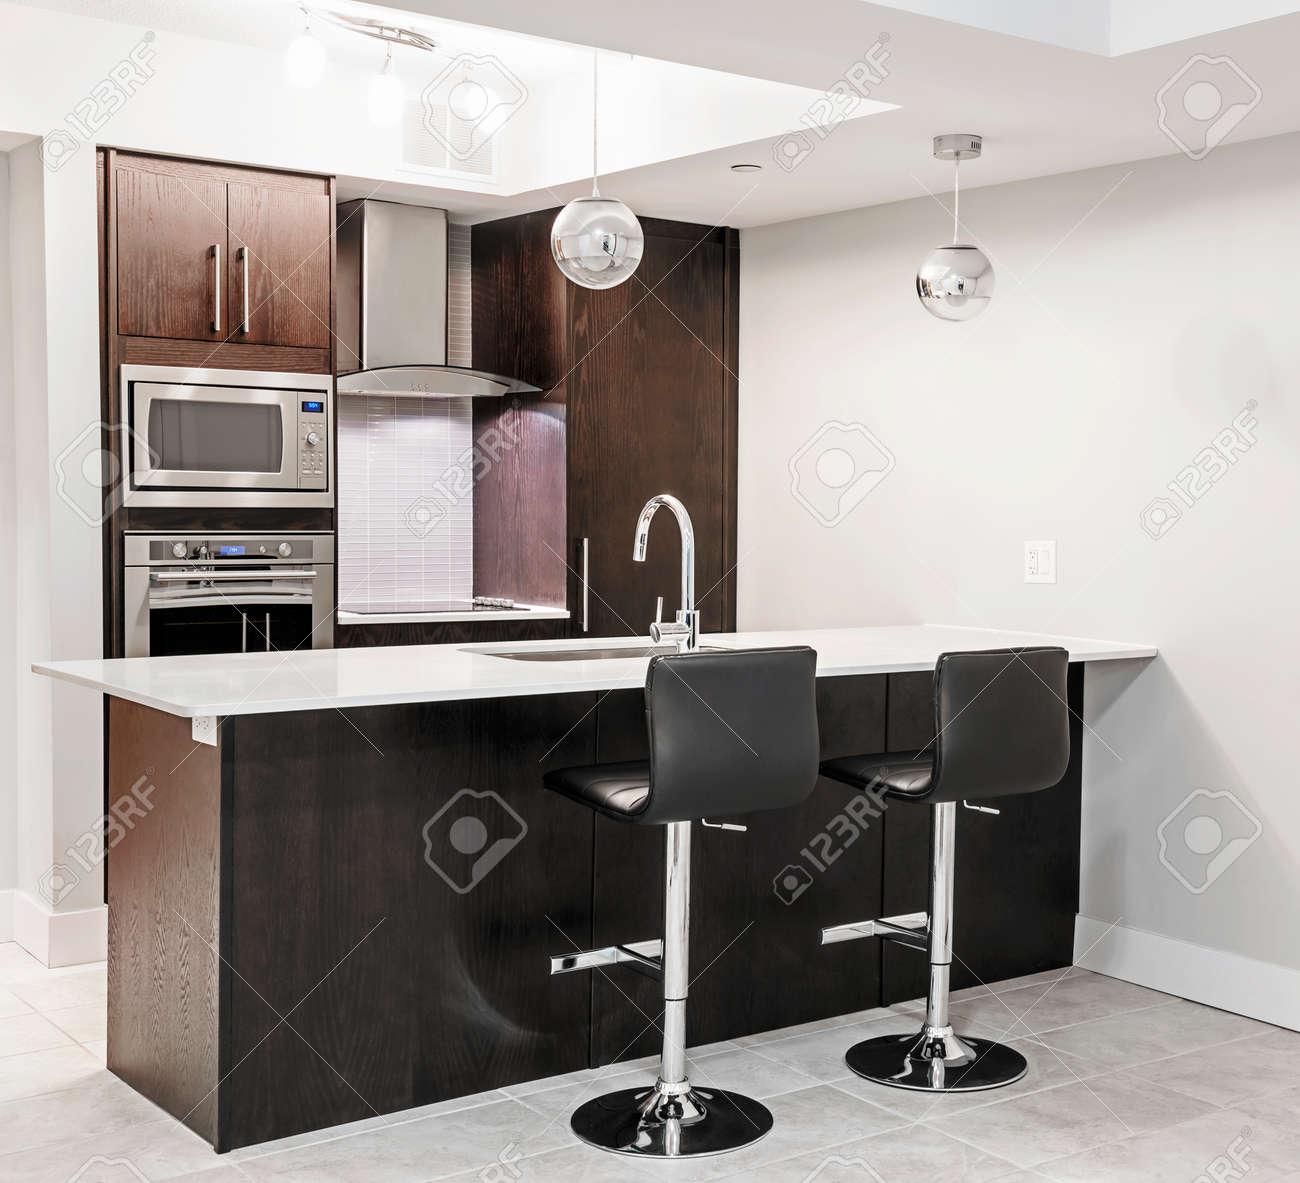 Sgabelli Da Cucina Ikea. Finest Top Awesome Sgabello Cucina Design ...